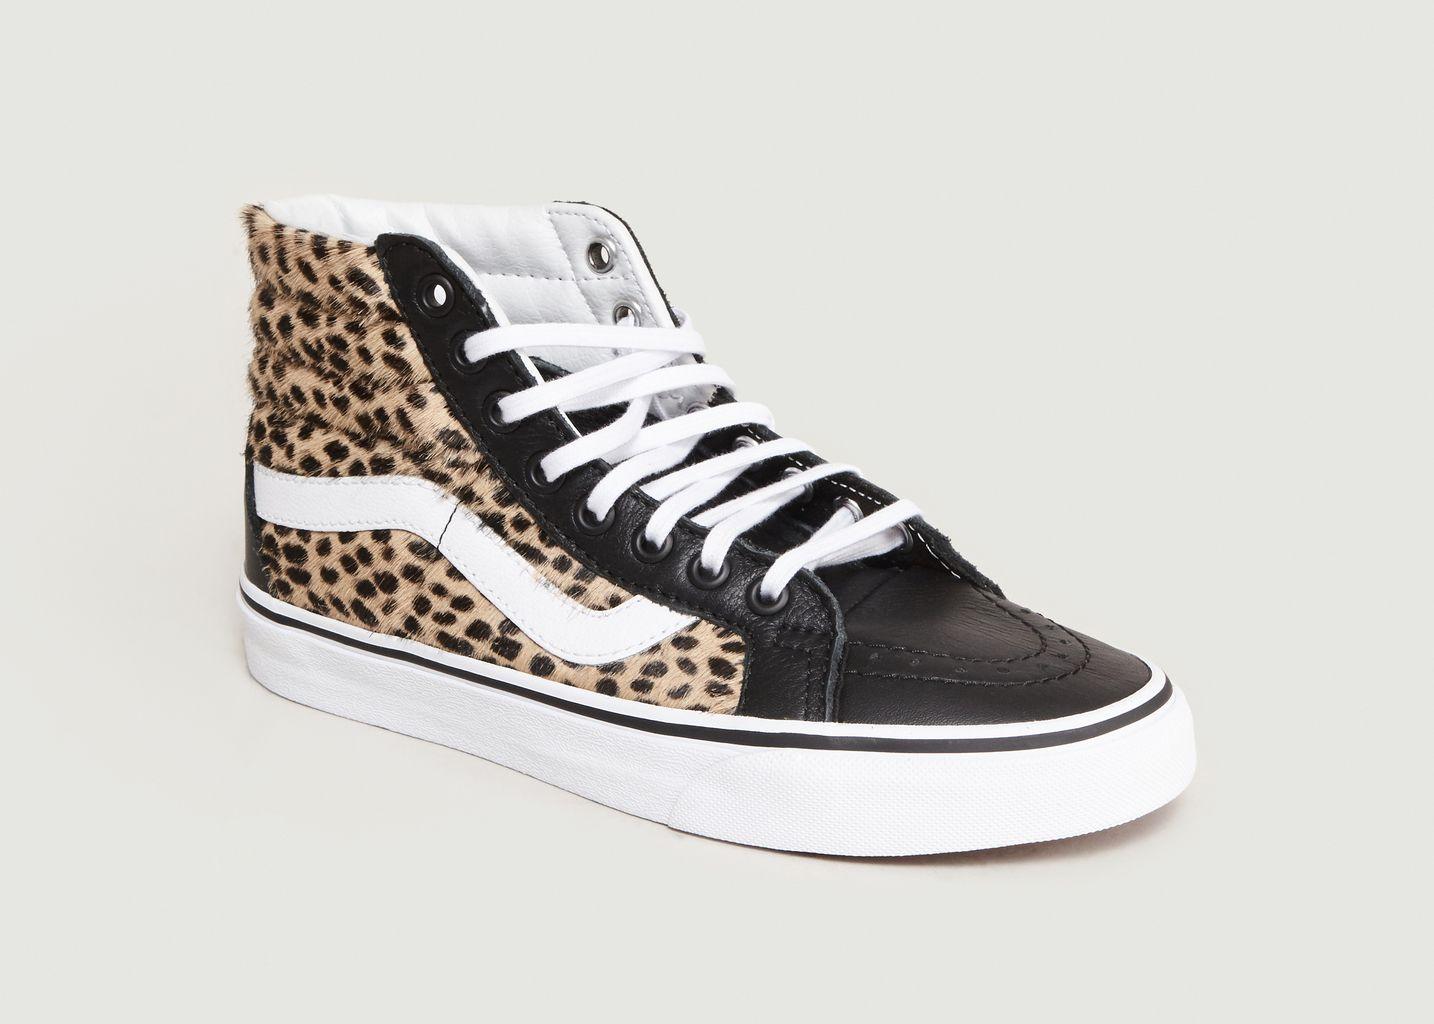 0c35ffcfb7e Sneakers SK8-Hi Reissue Léopard Multicolore Vans